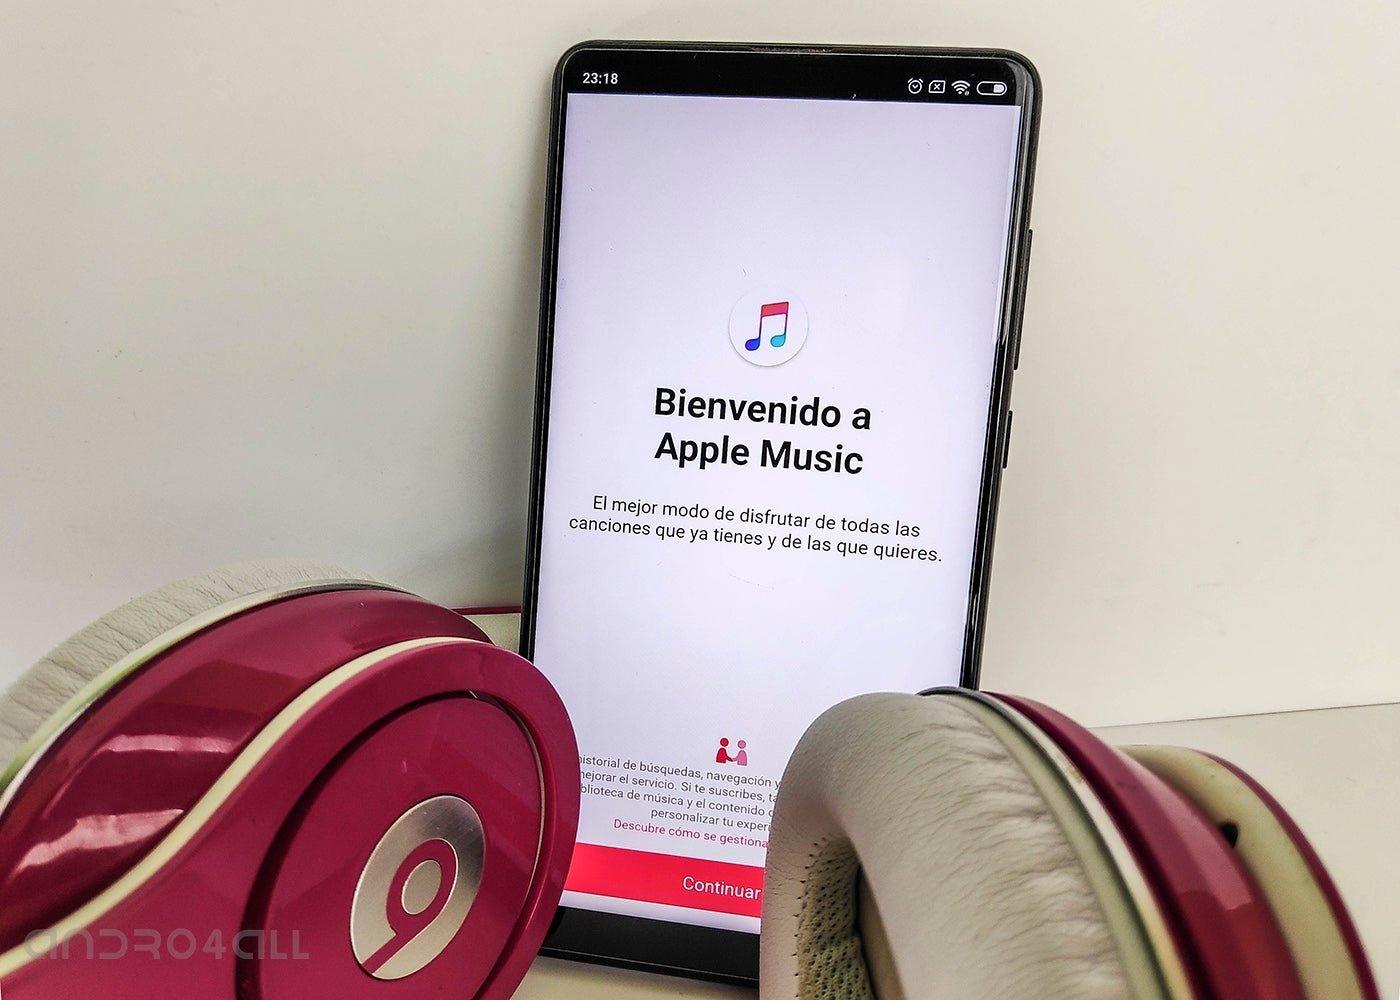 एप्पल म्यूजिक पॉकोफोन